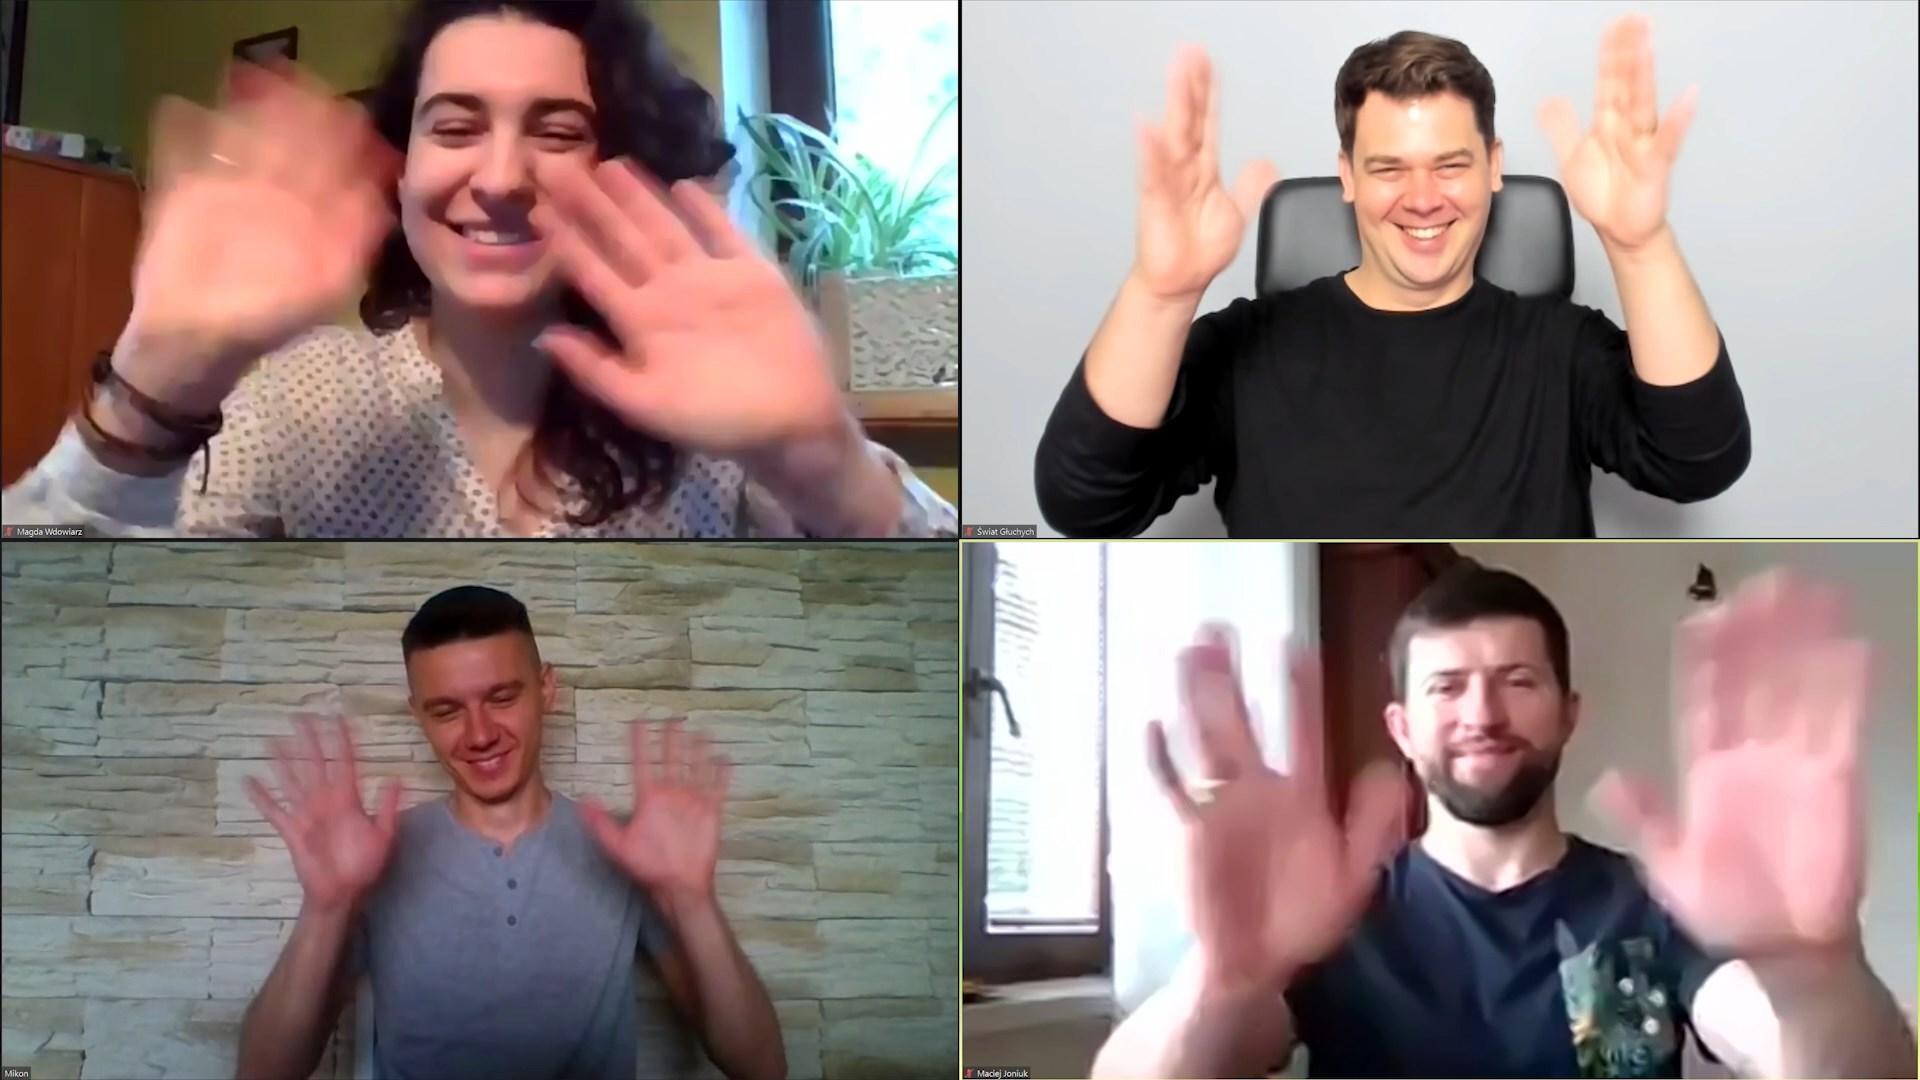 Magdlane Wdowiarz, Michał Konwerski, Maciej Joniuk, Tomasz Smakowski, Fundacja Świat Głuchych